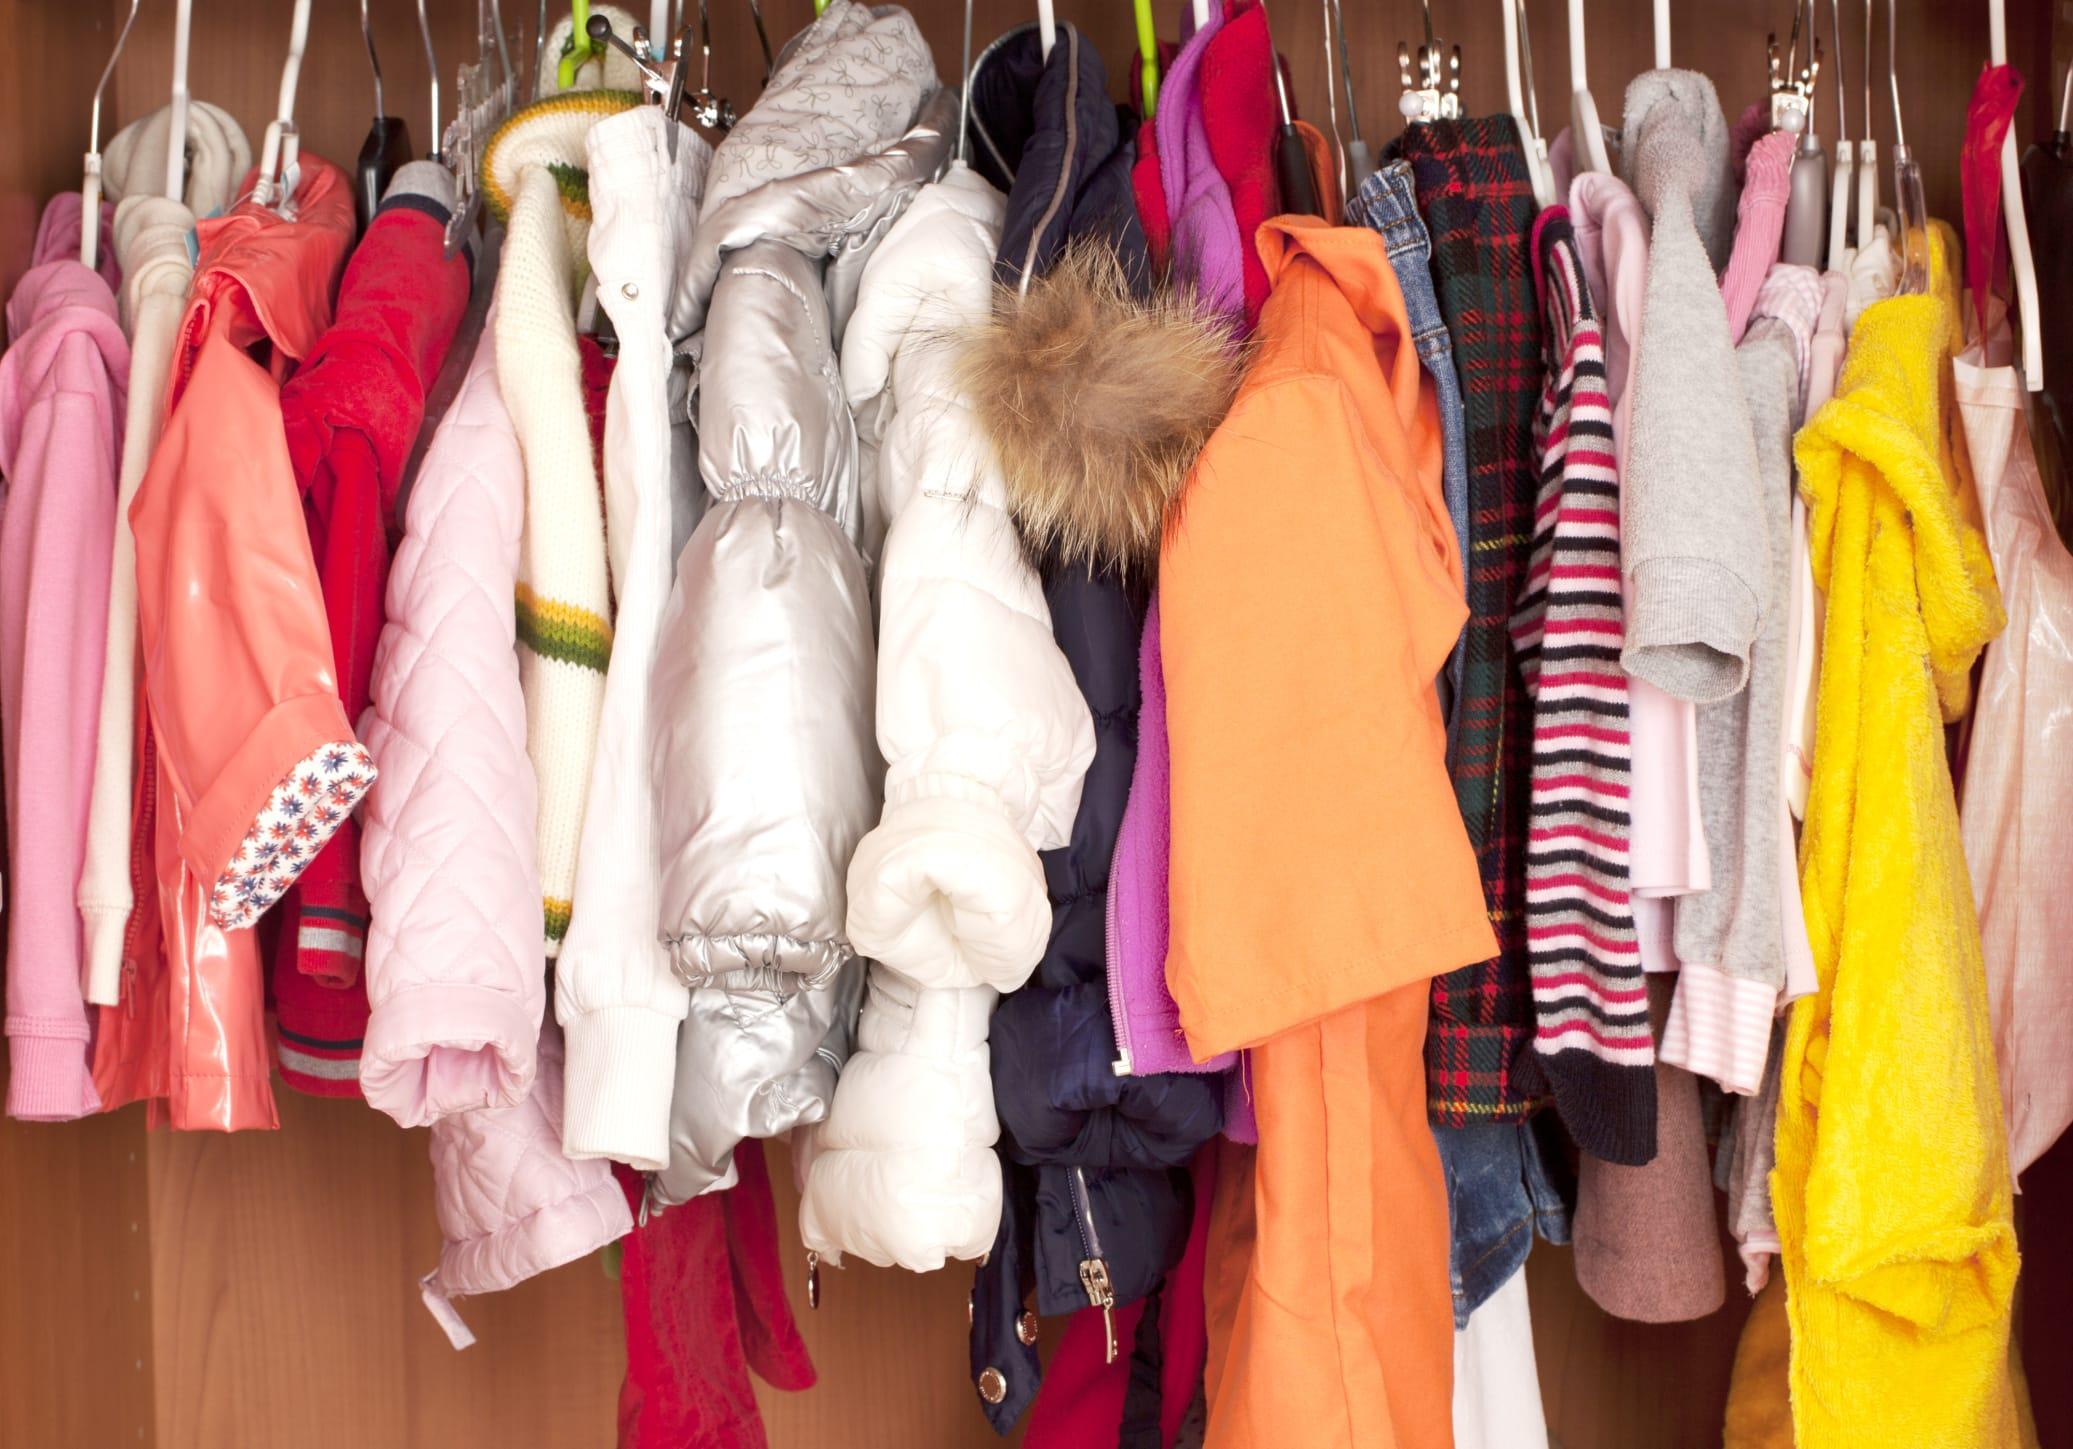 Come organizzare l'armadio dei bambini: i consigli utili - Non Sprecare